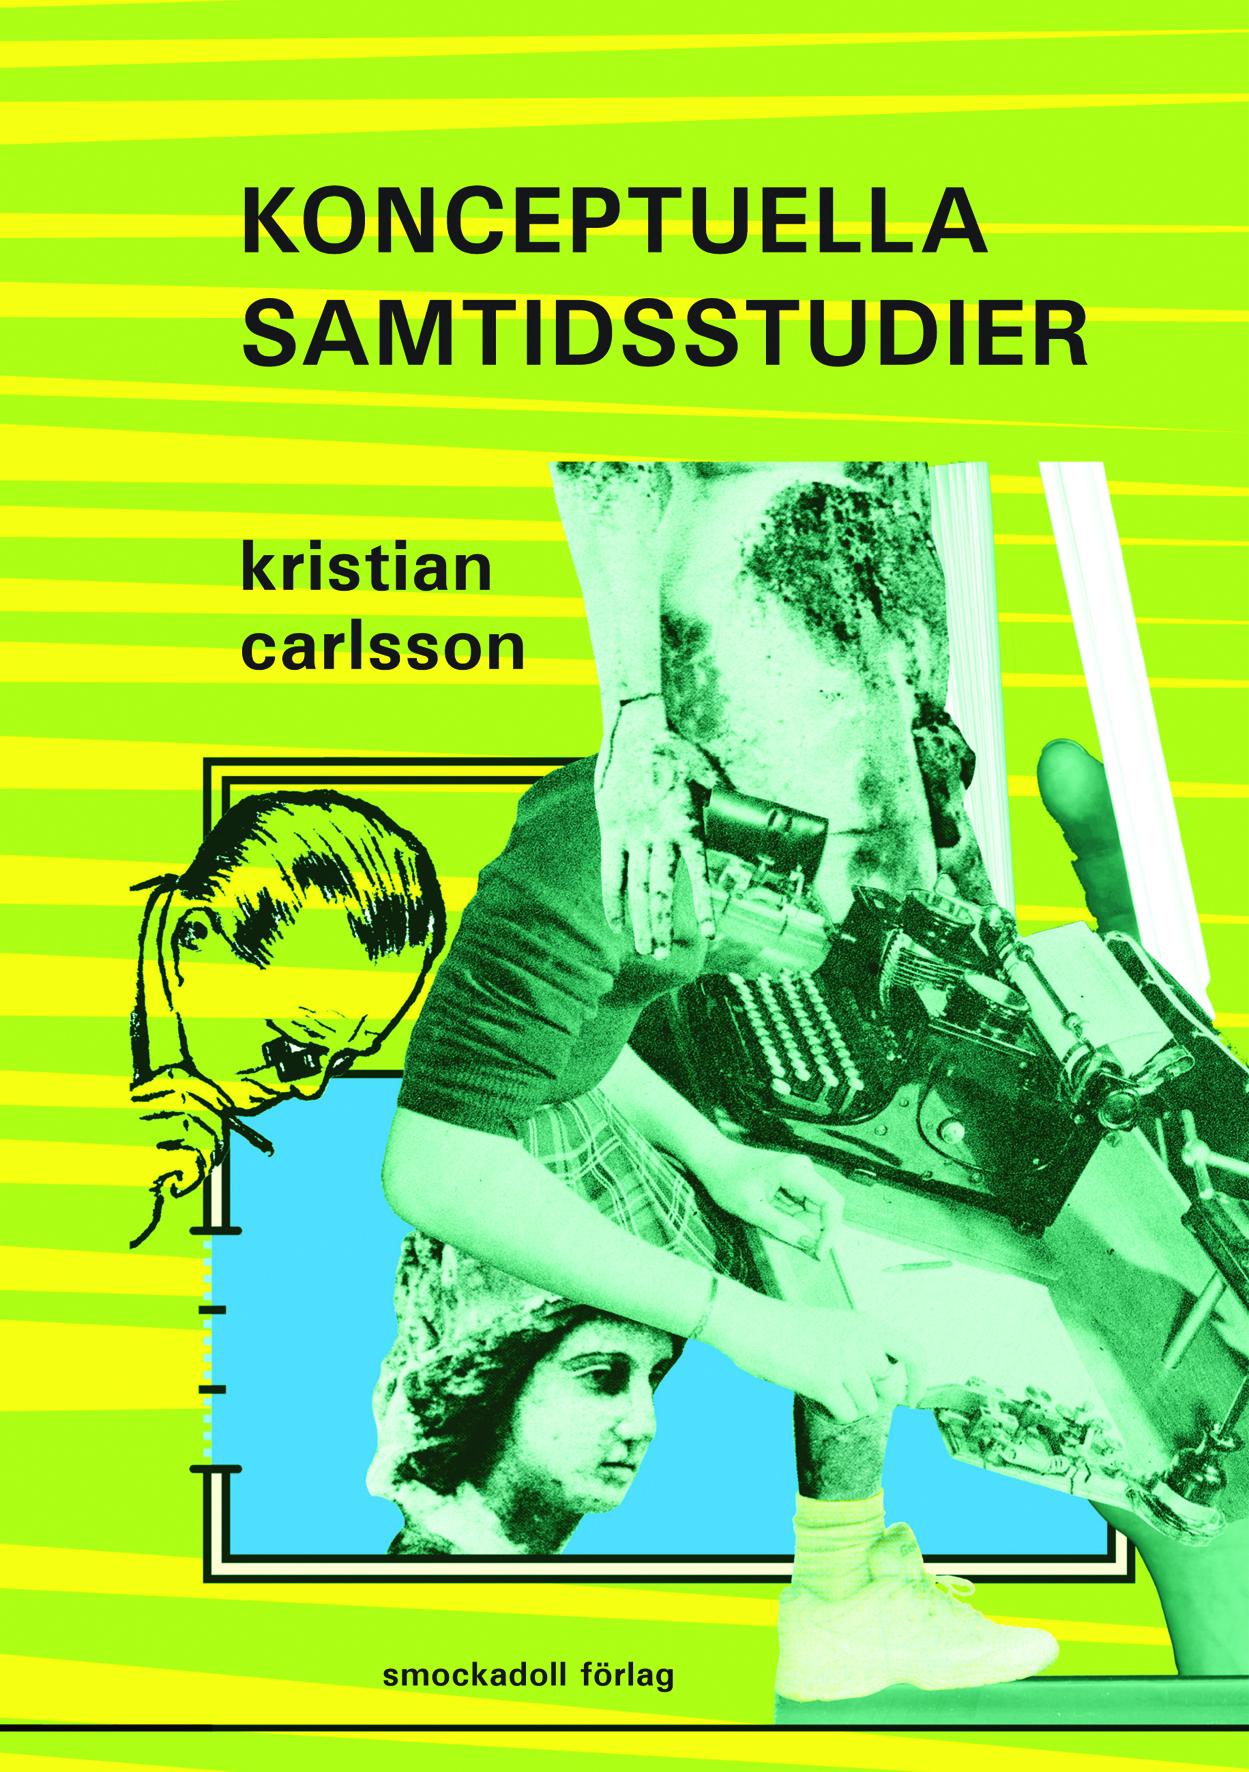 Konceptuella samtidsstudier av Kristian Carlsson